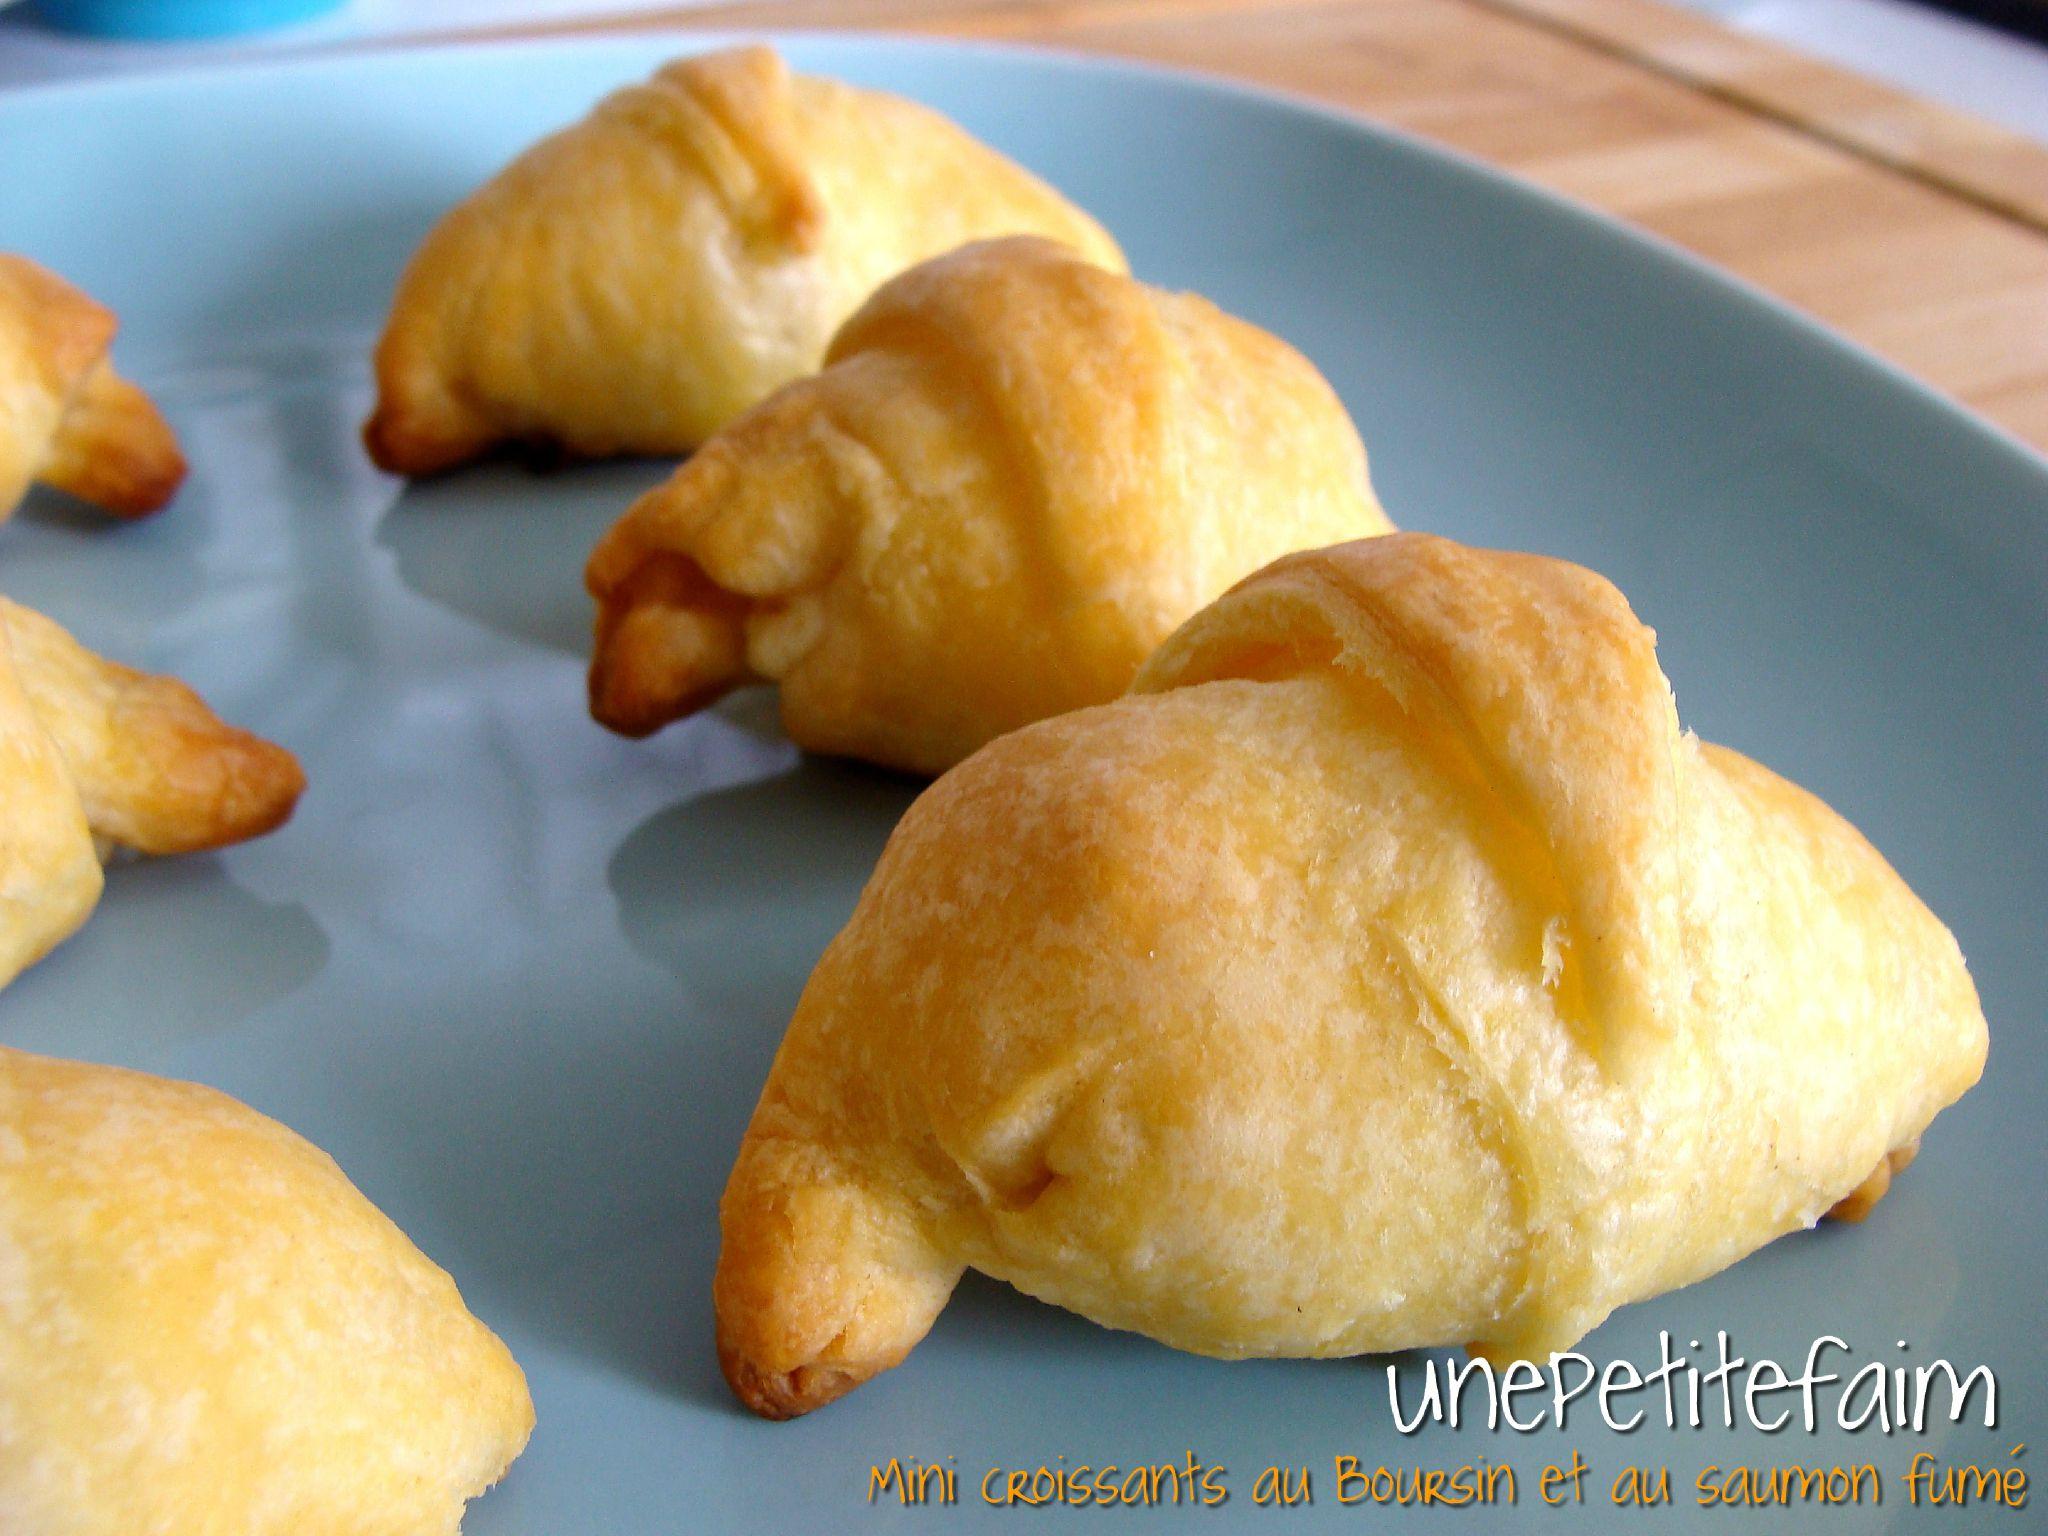 Mini croissants au Boursin et au saumon fumé